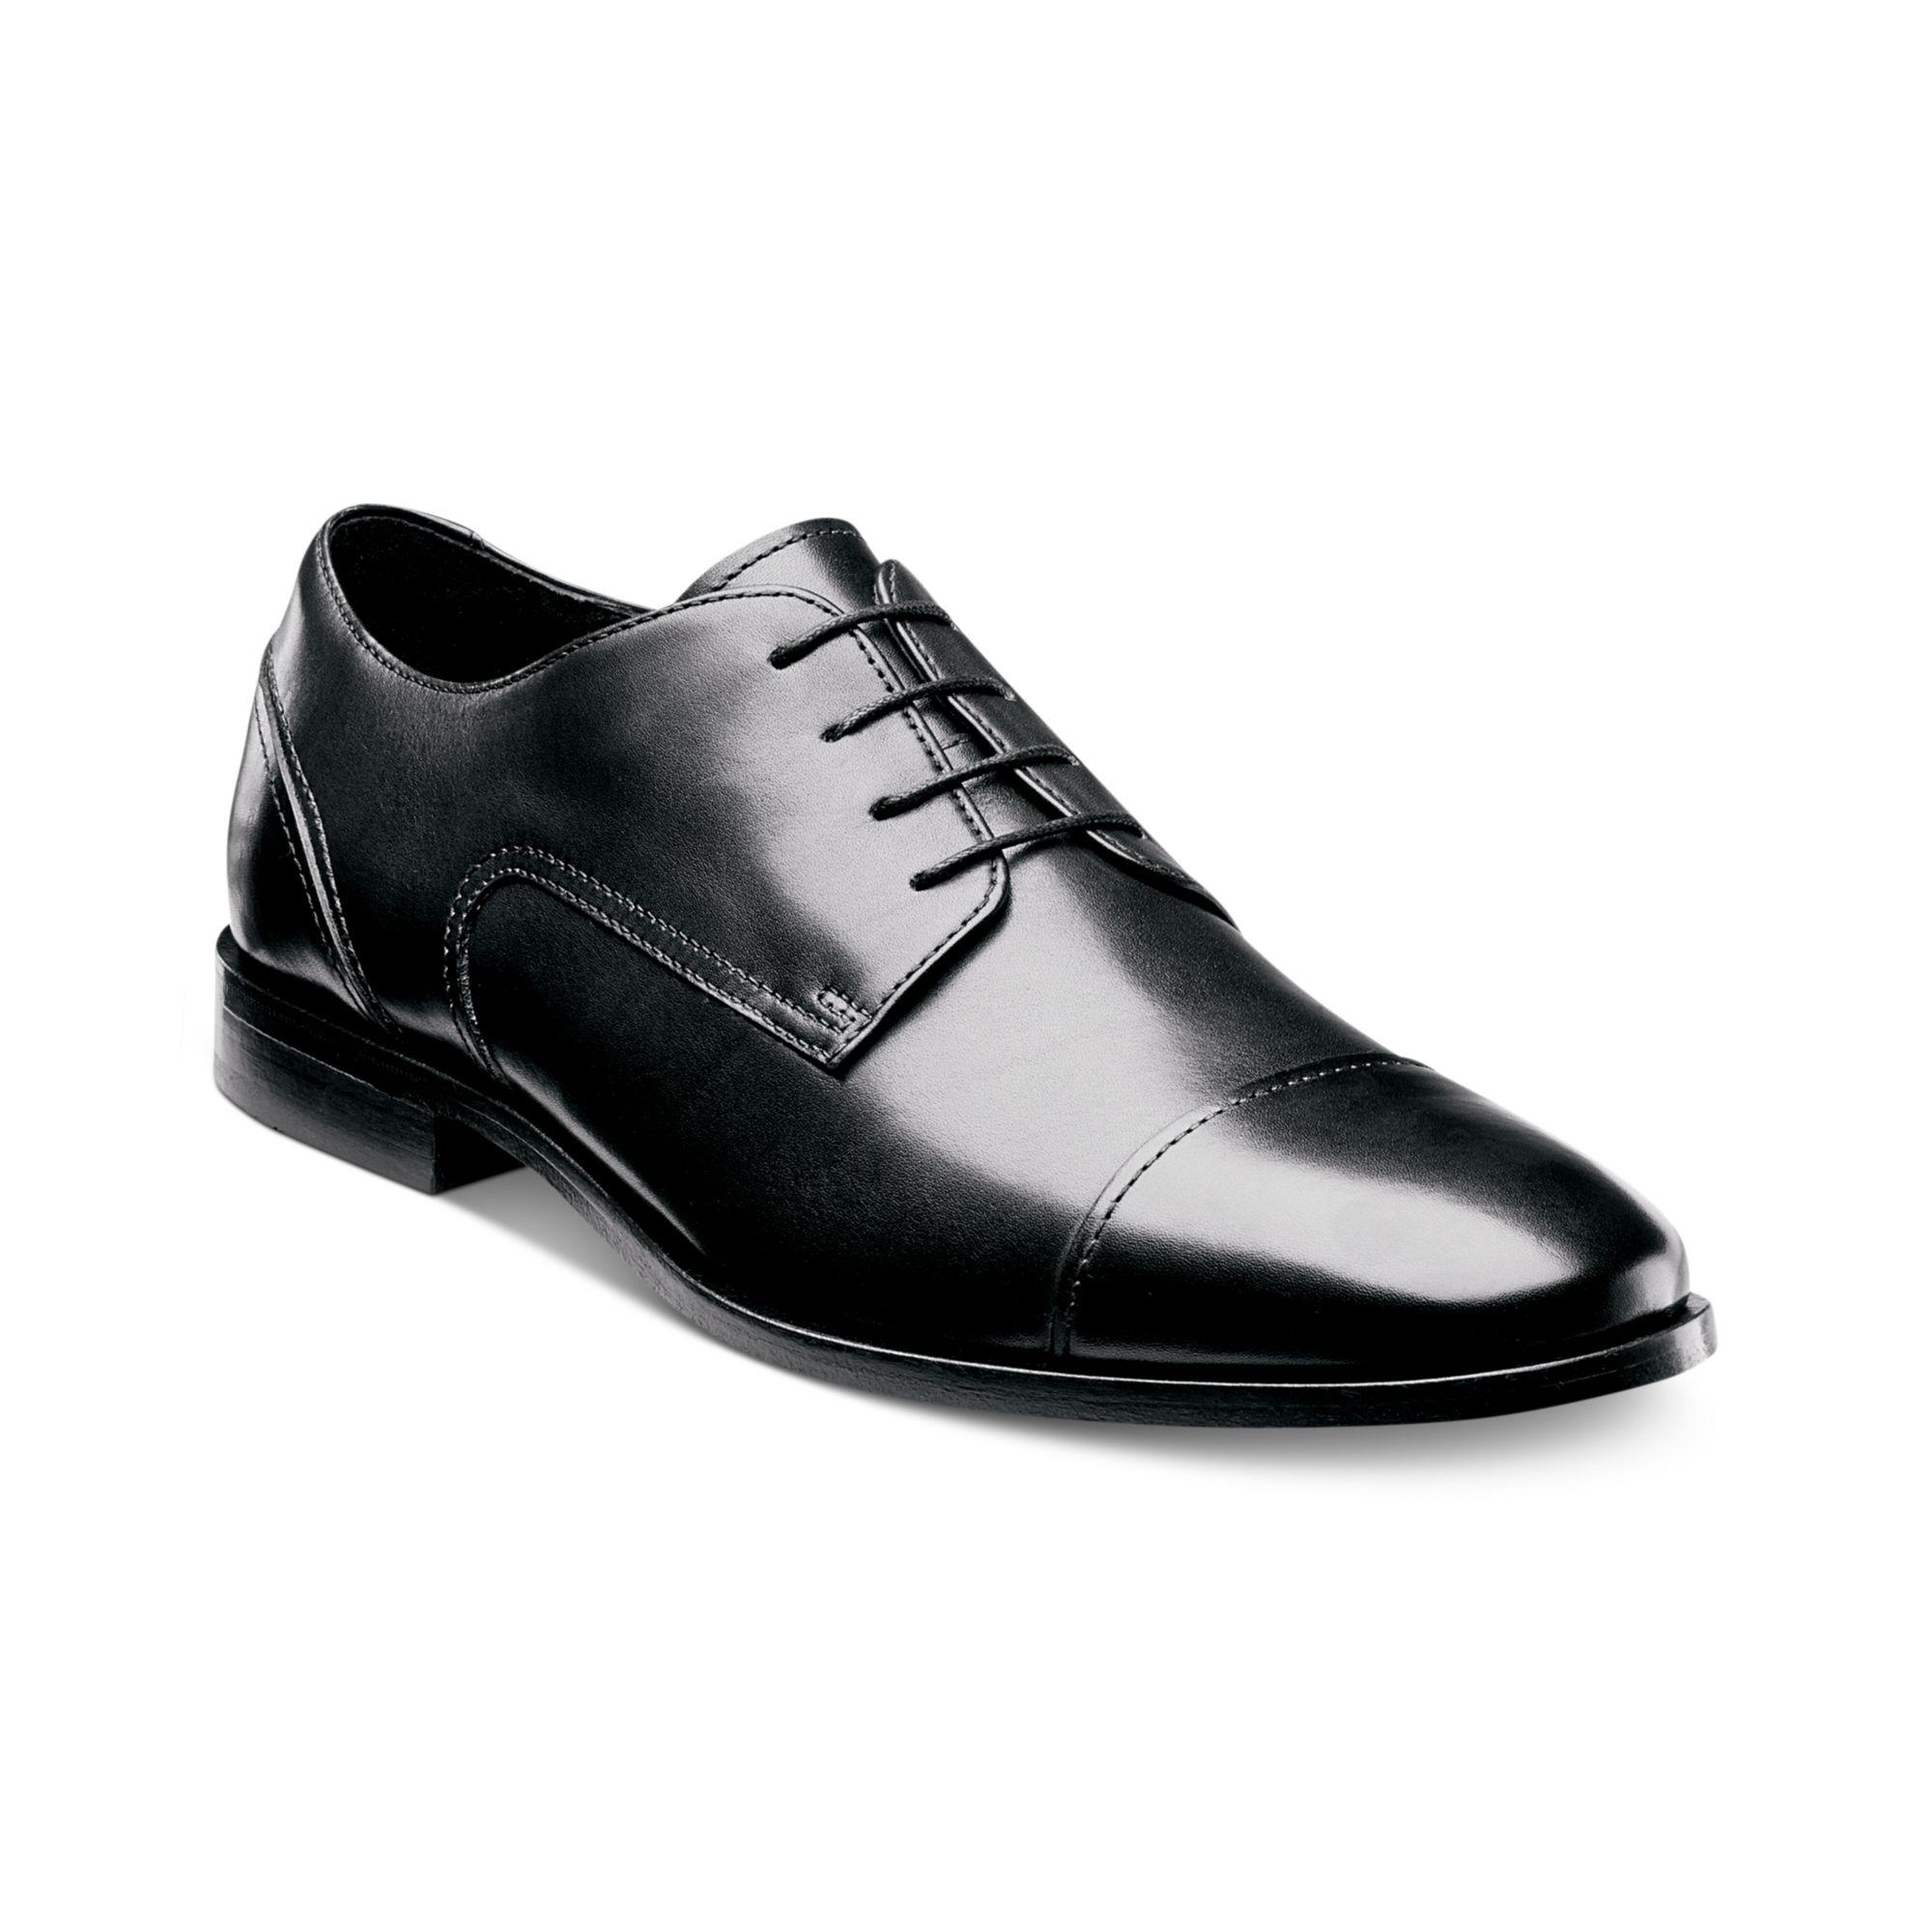 Florsheim Jet Cap Toe Lace Up Shoes